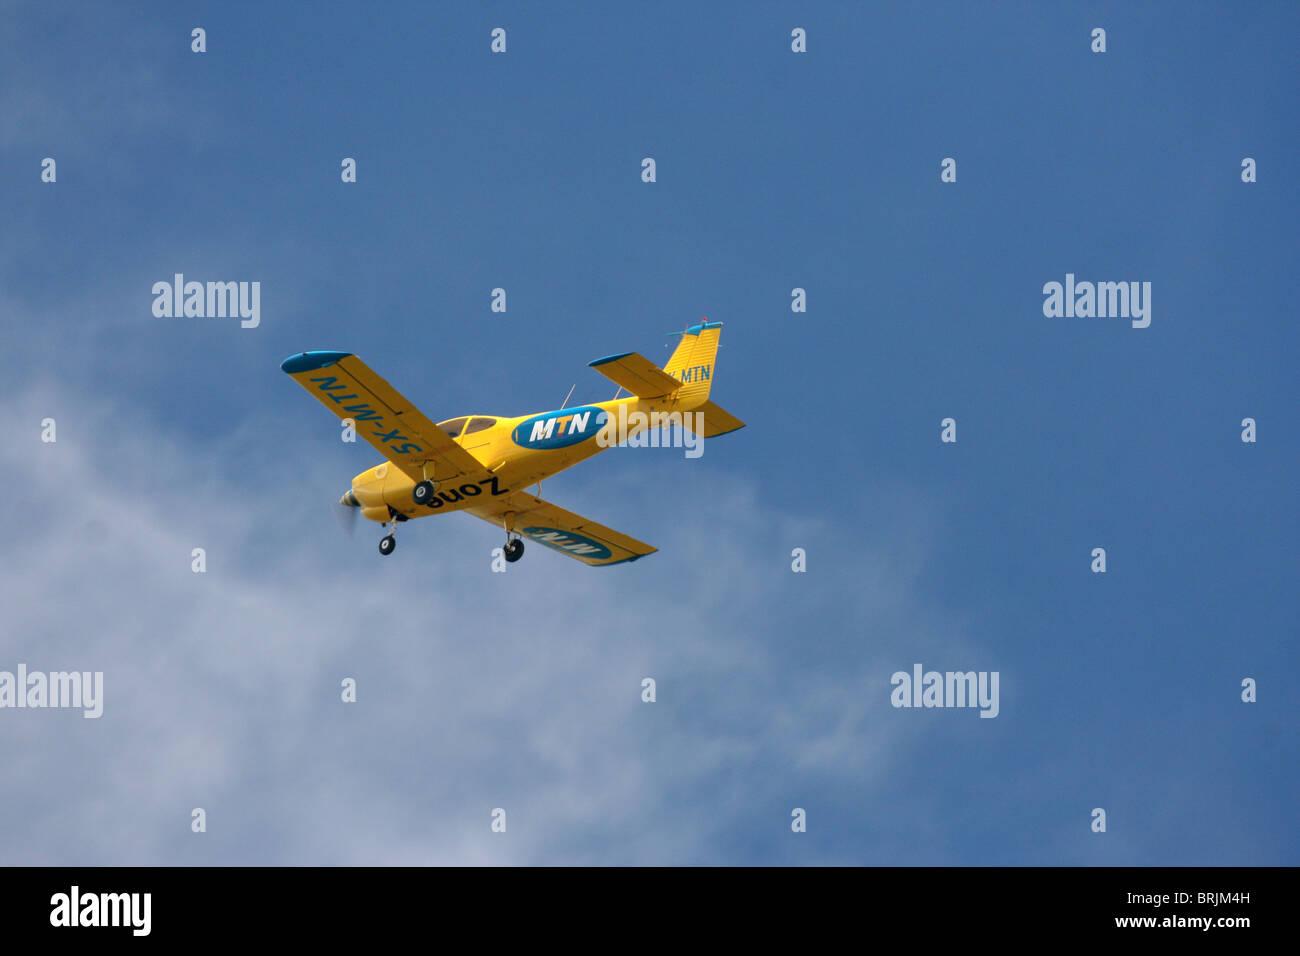 A Fuji FA200 Aero Subaru single engine aerobatic plane - Stock Image